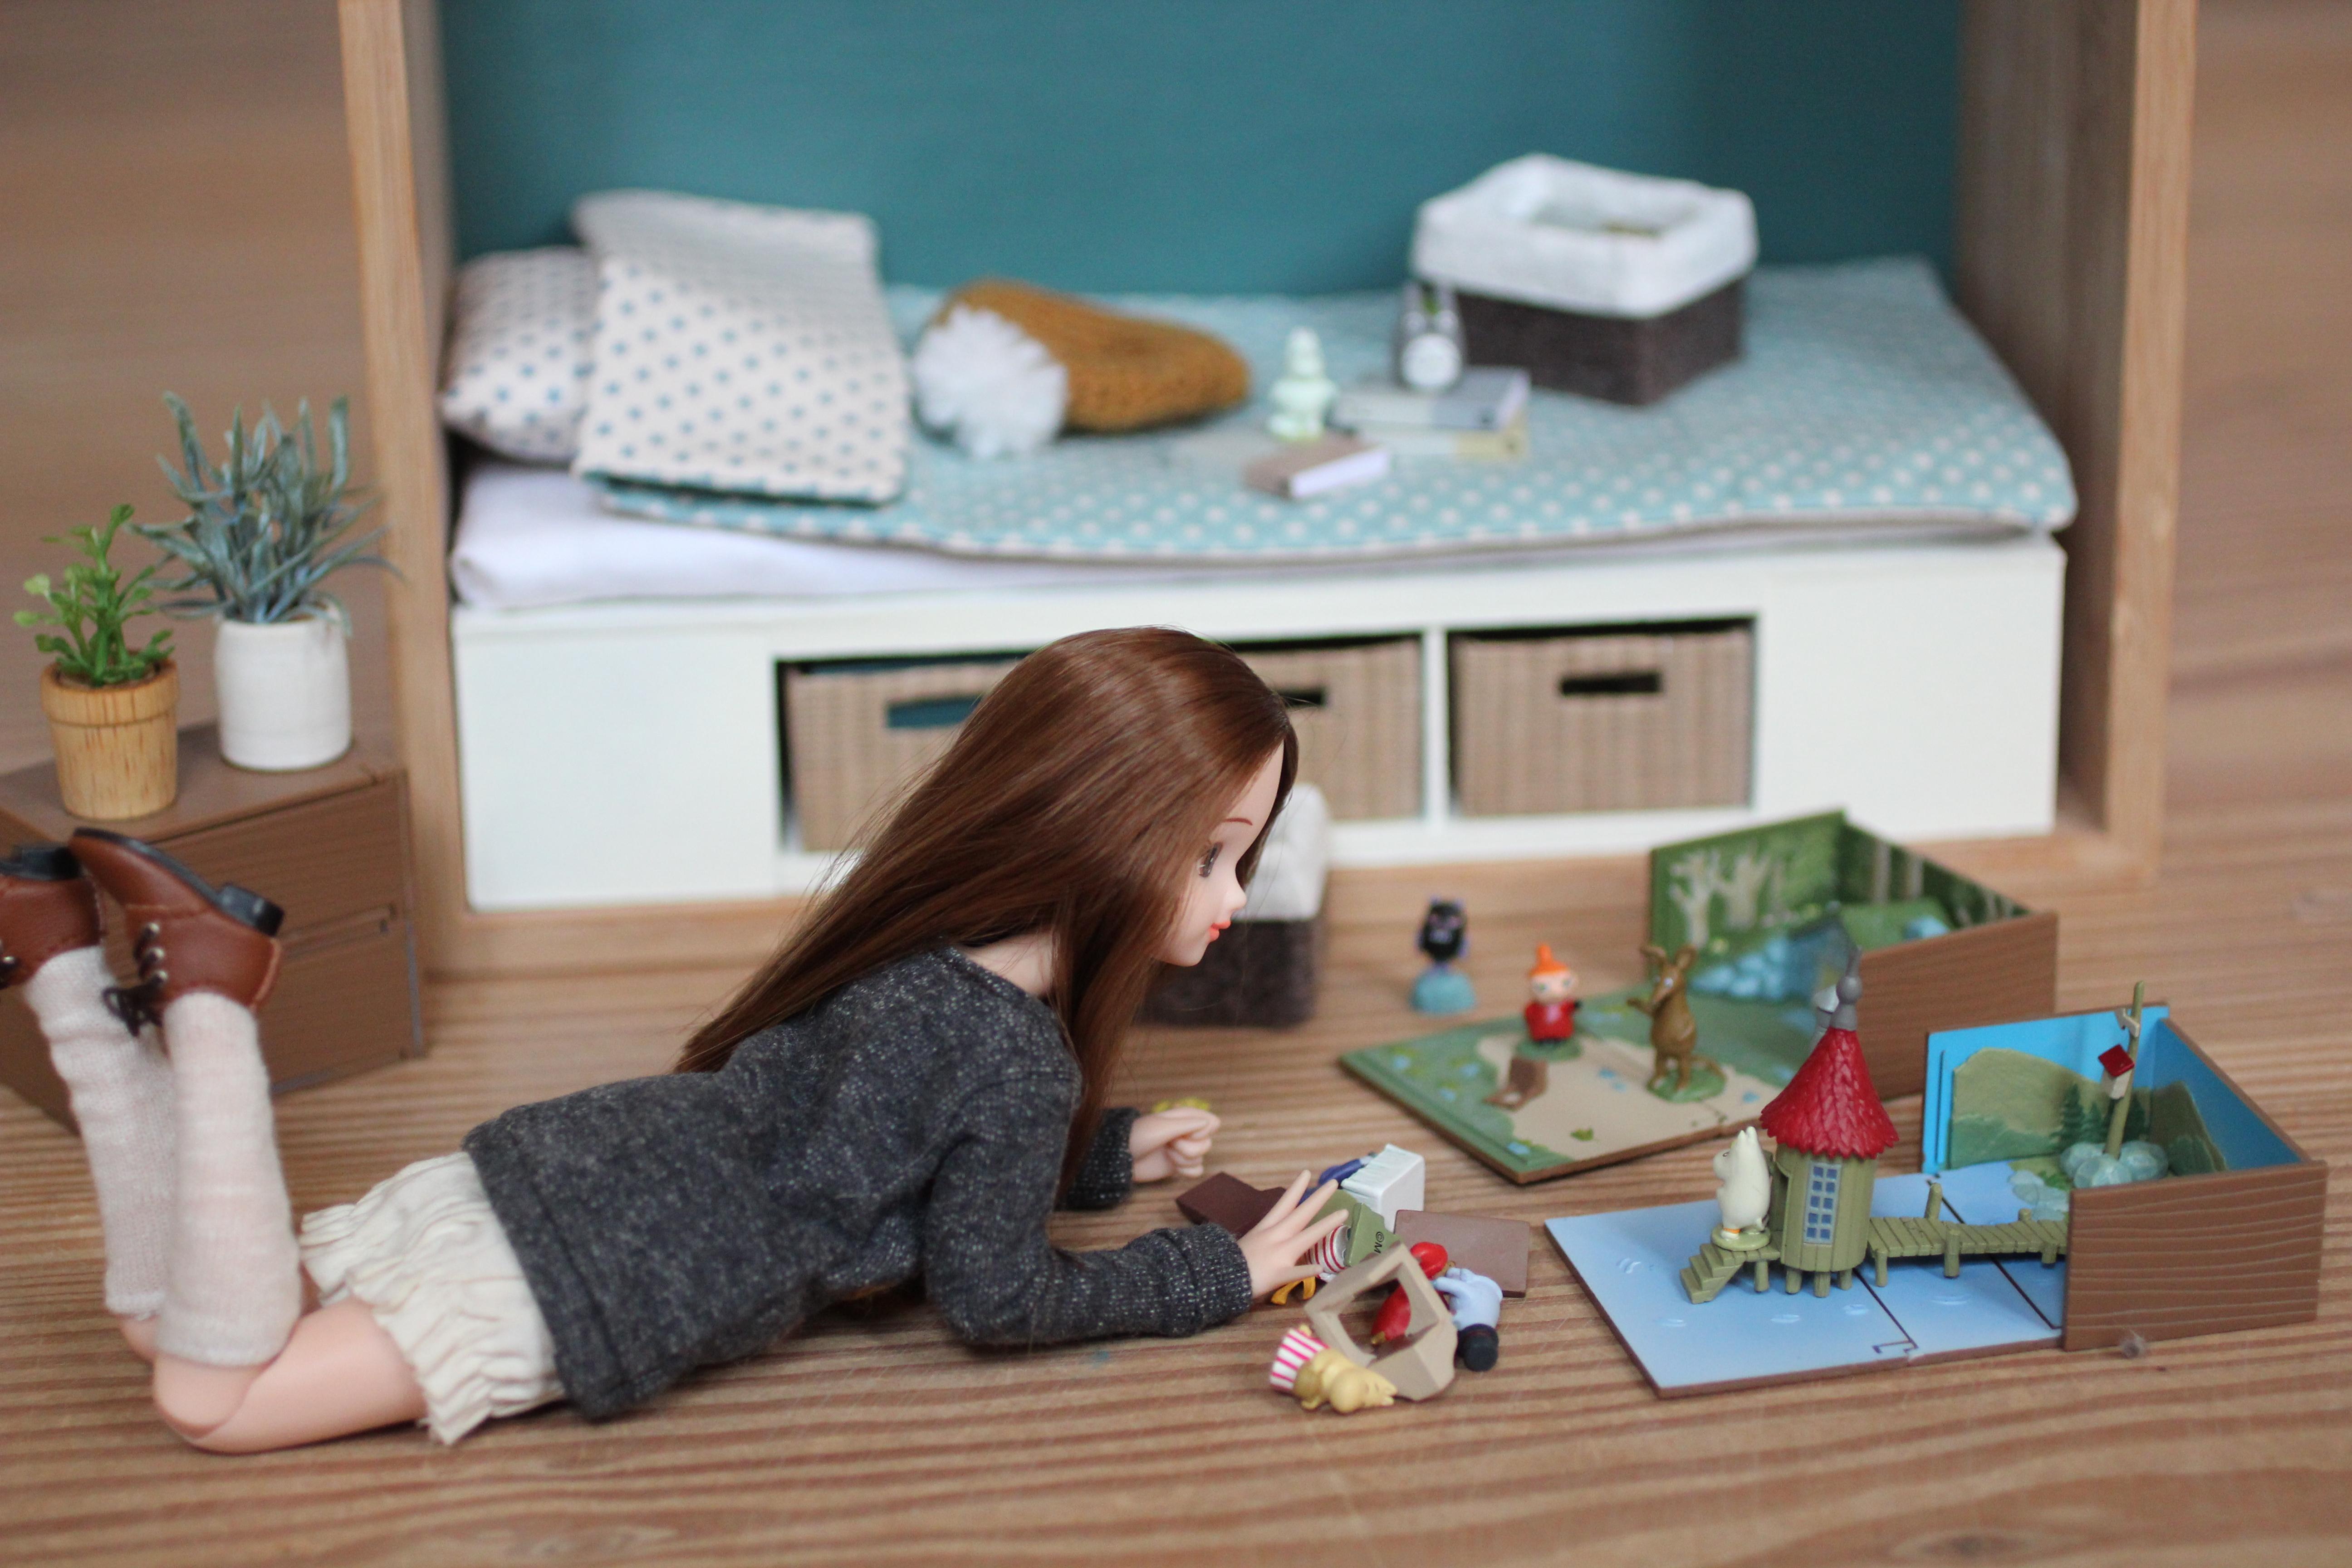 デスクトップ壁紙 ルーム おもちゃ 人形 遊びます ミニ アート 可愛い ちゃん セットアップ ムーミン リッカ 5184x3456 デスクトップ壁紙 Wallhere